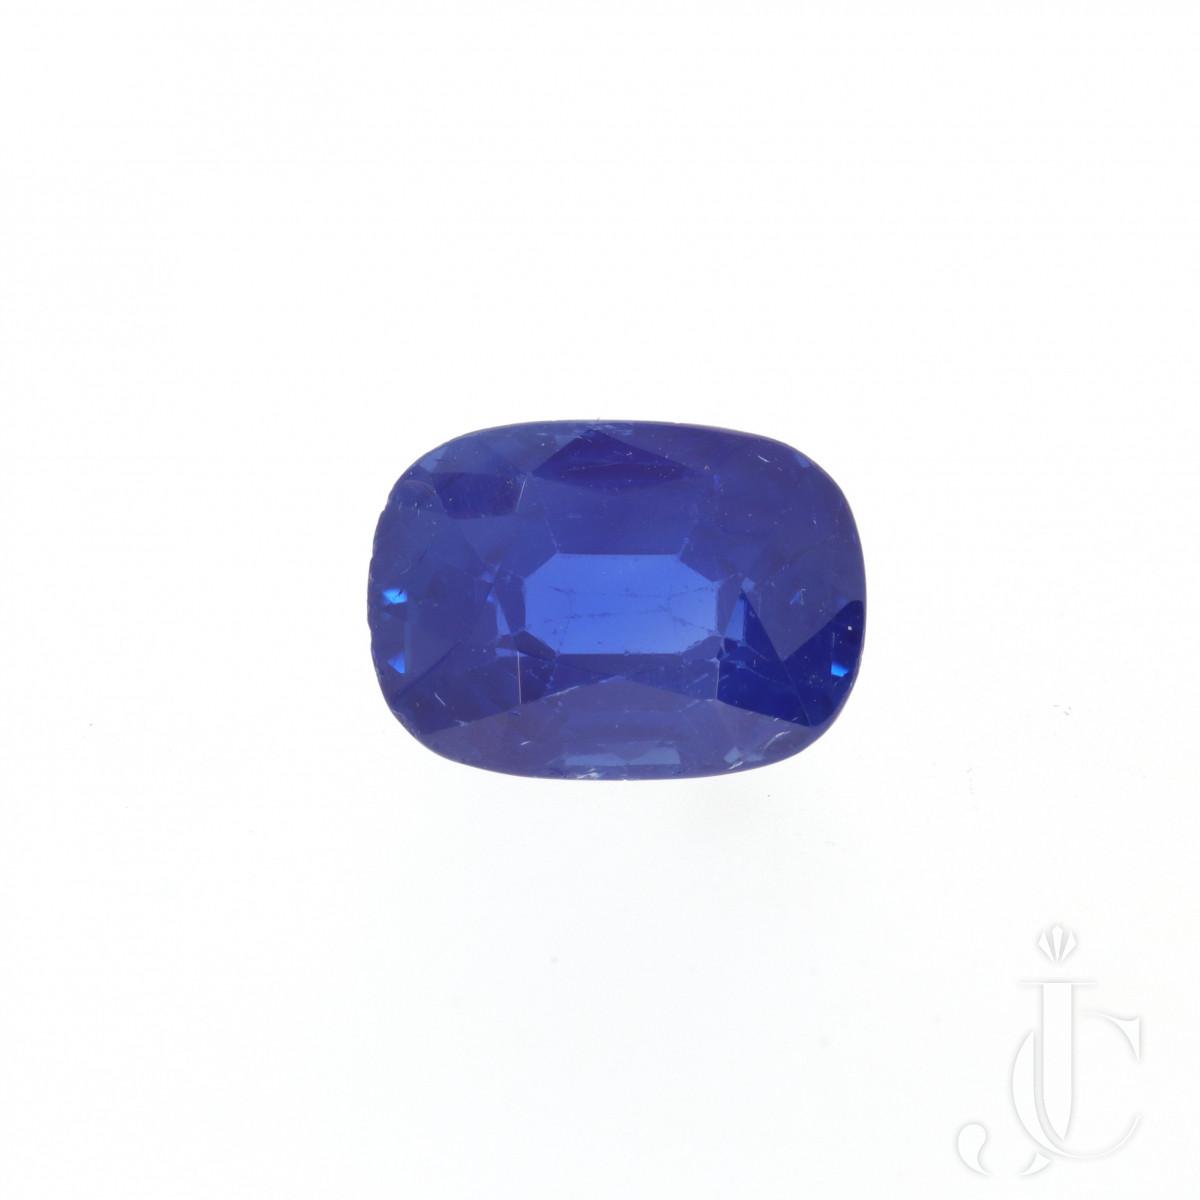 3,97 ct Kashmir Sapphire Cushion